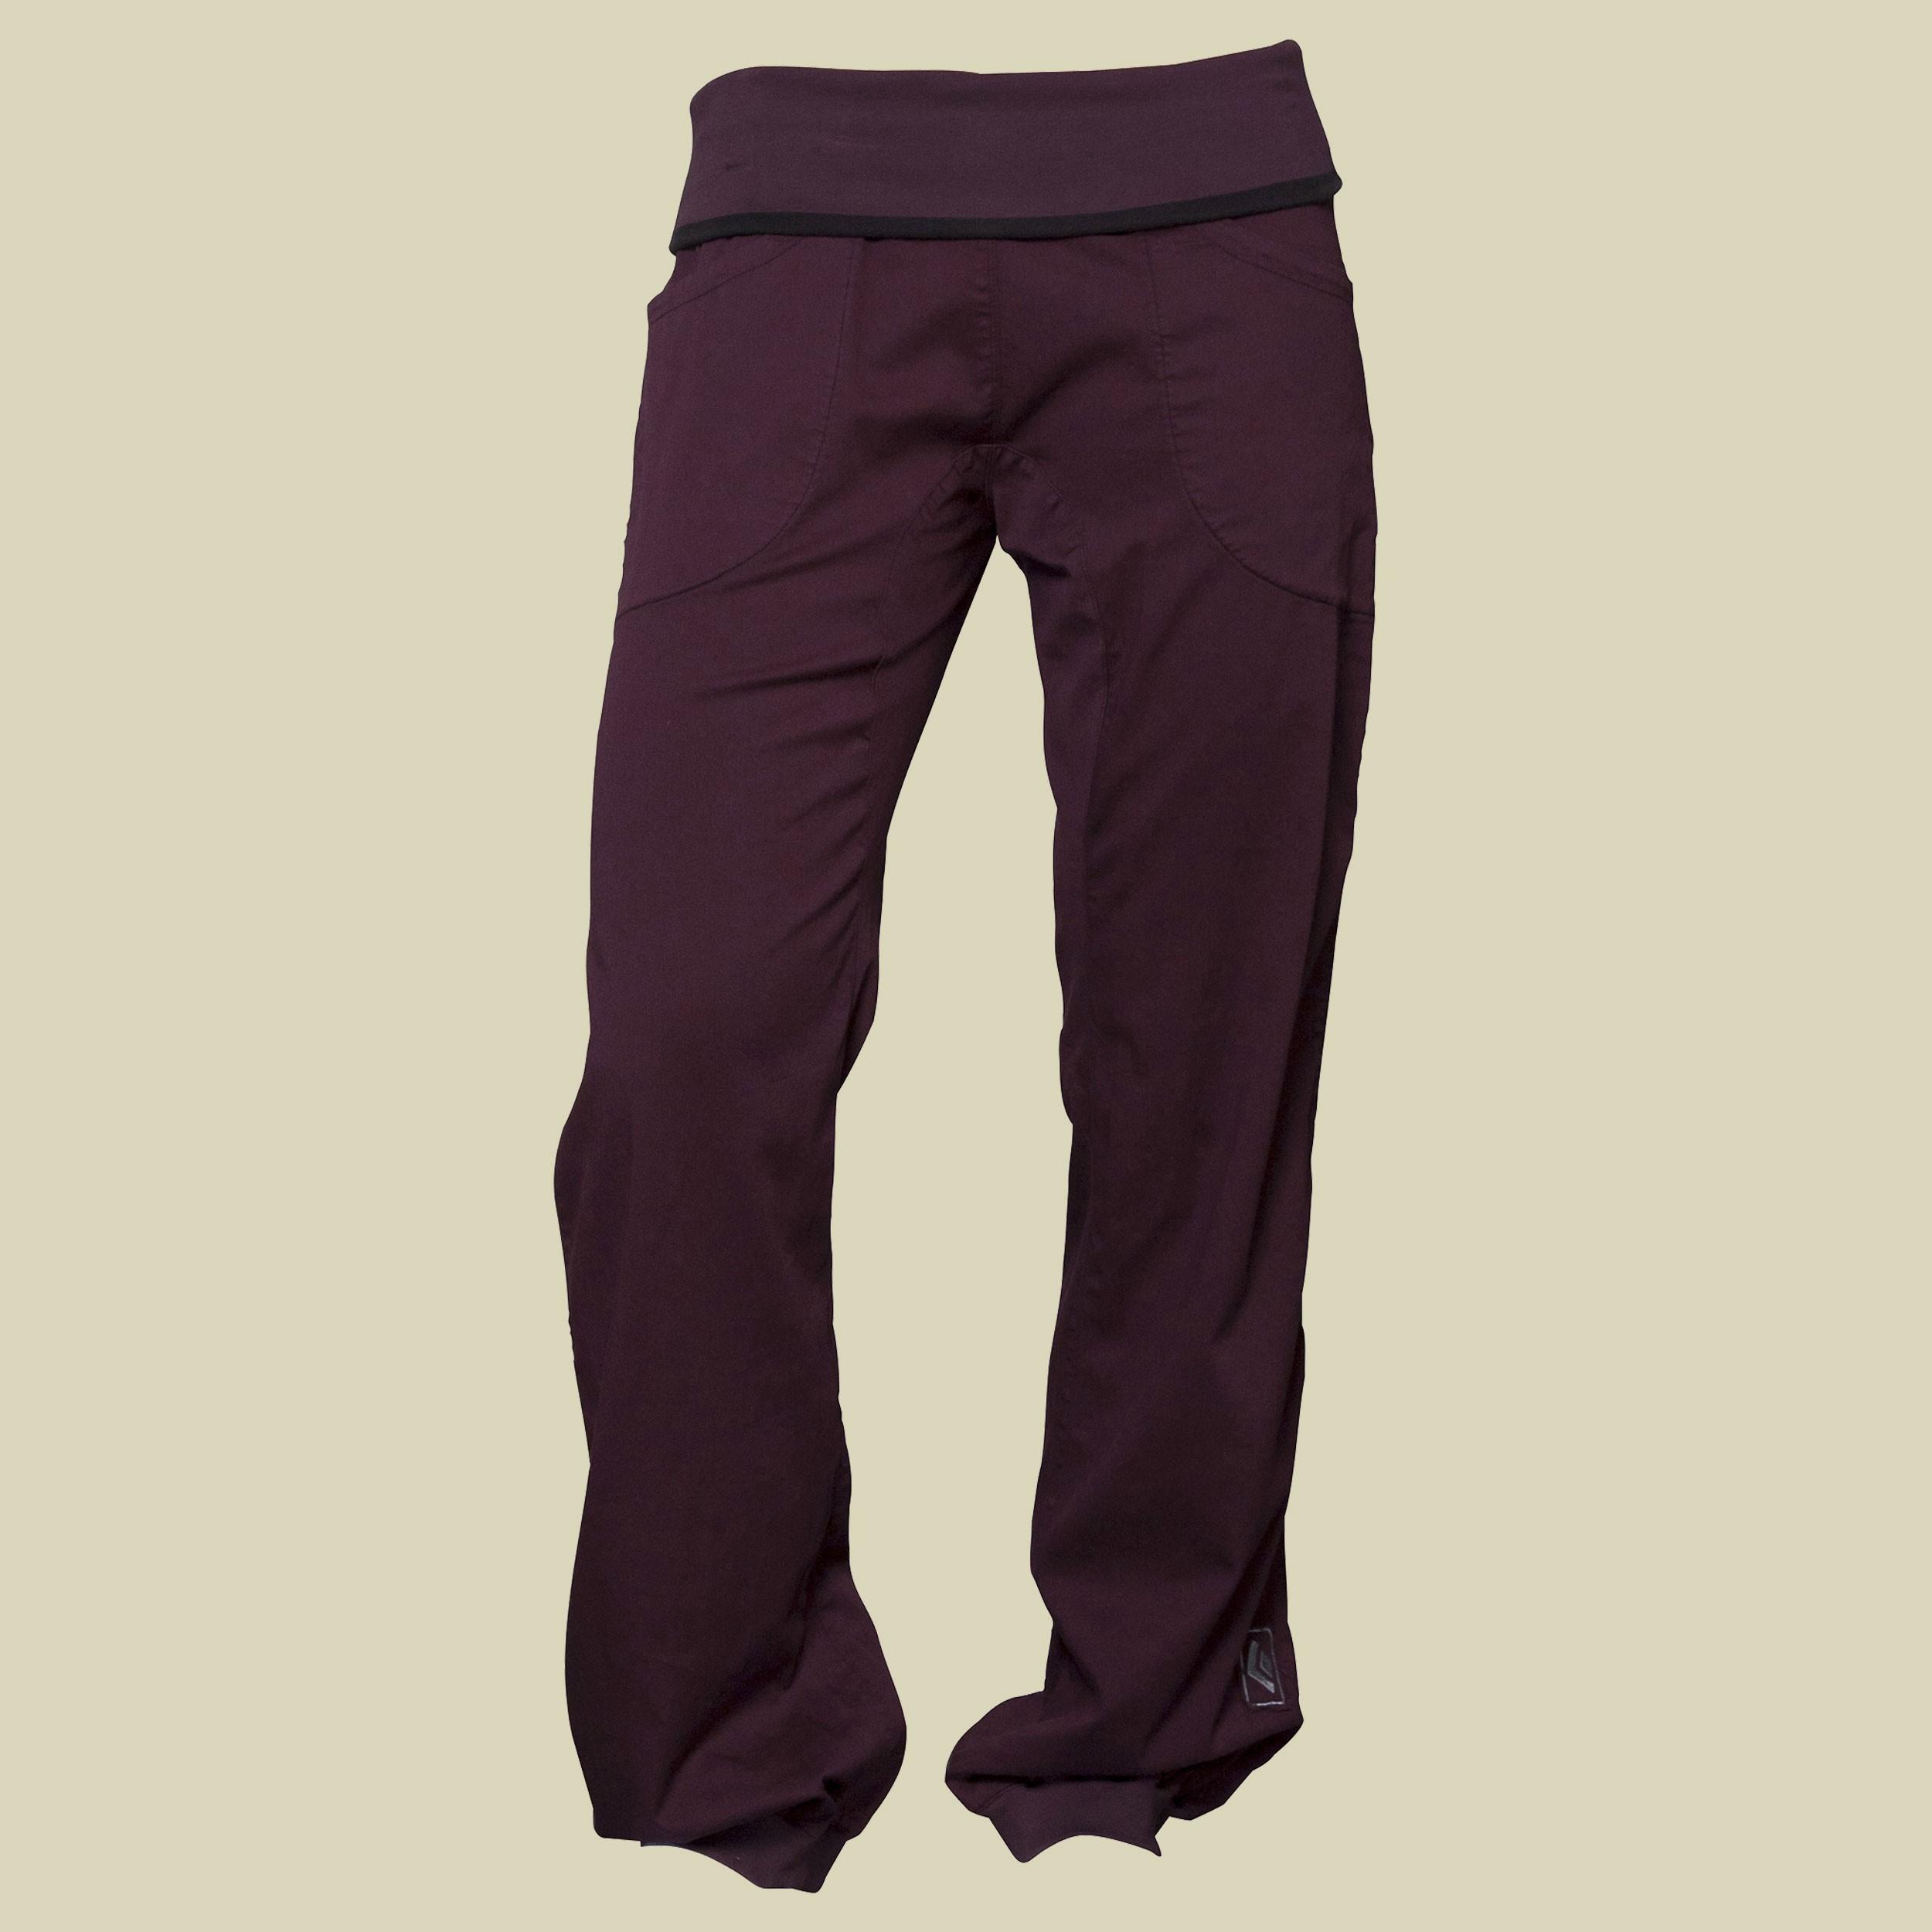 Notion Pants Women